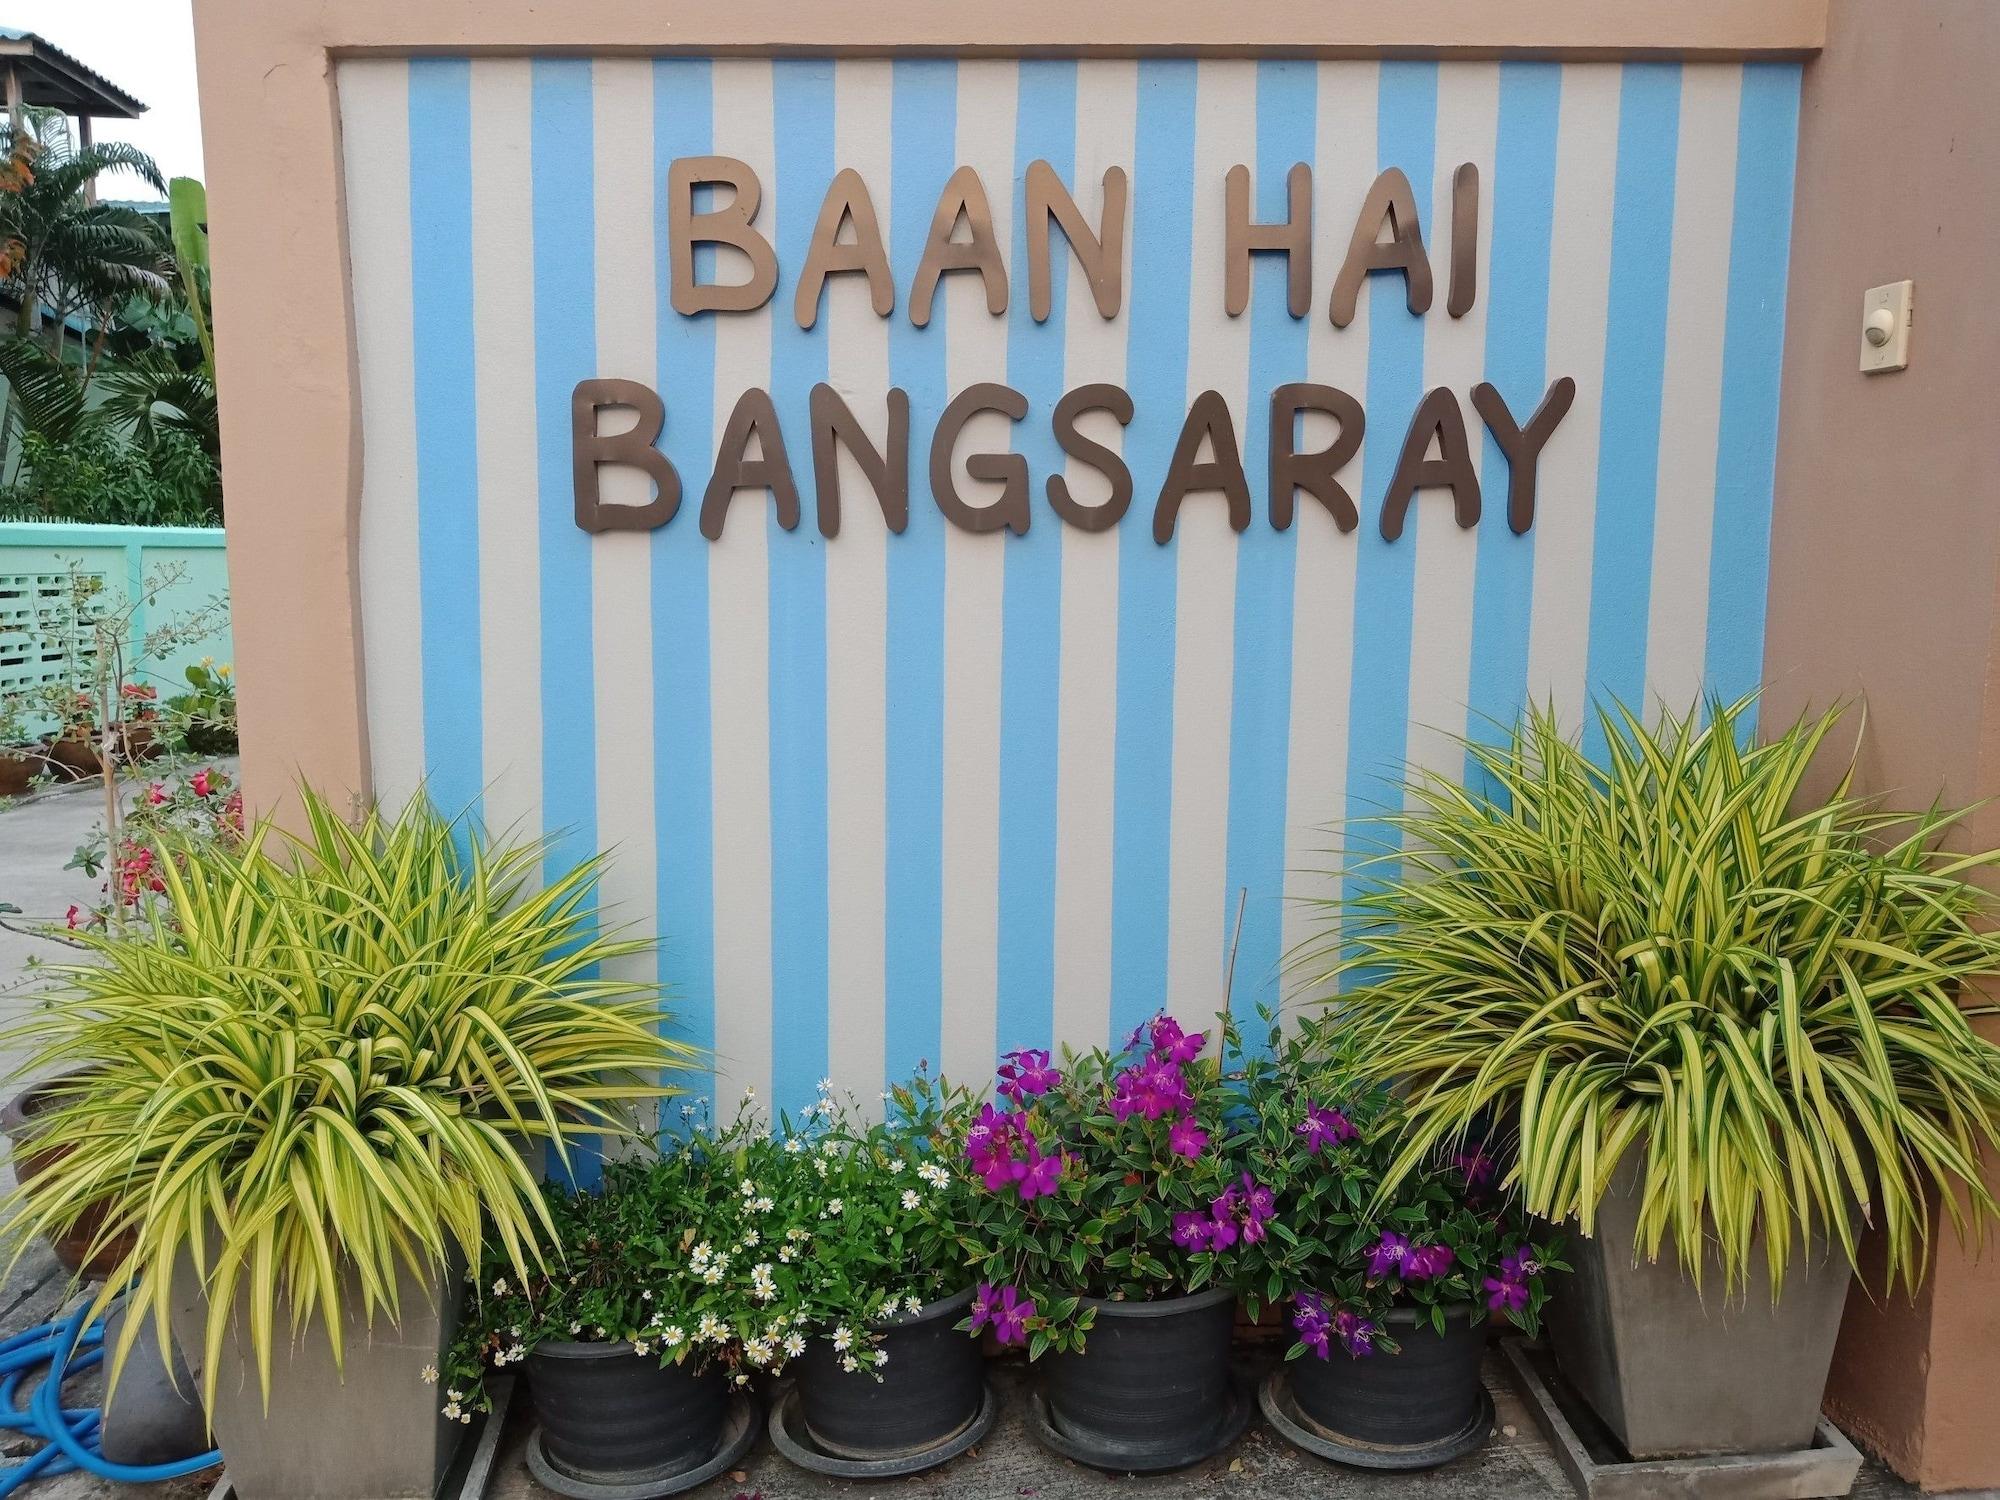 Baan Hai Bangsaray, Sattahip